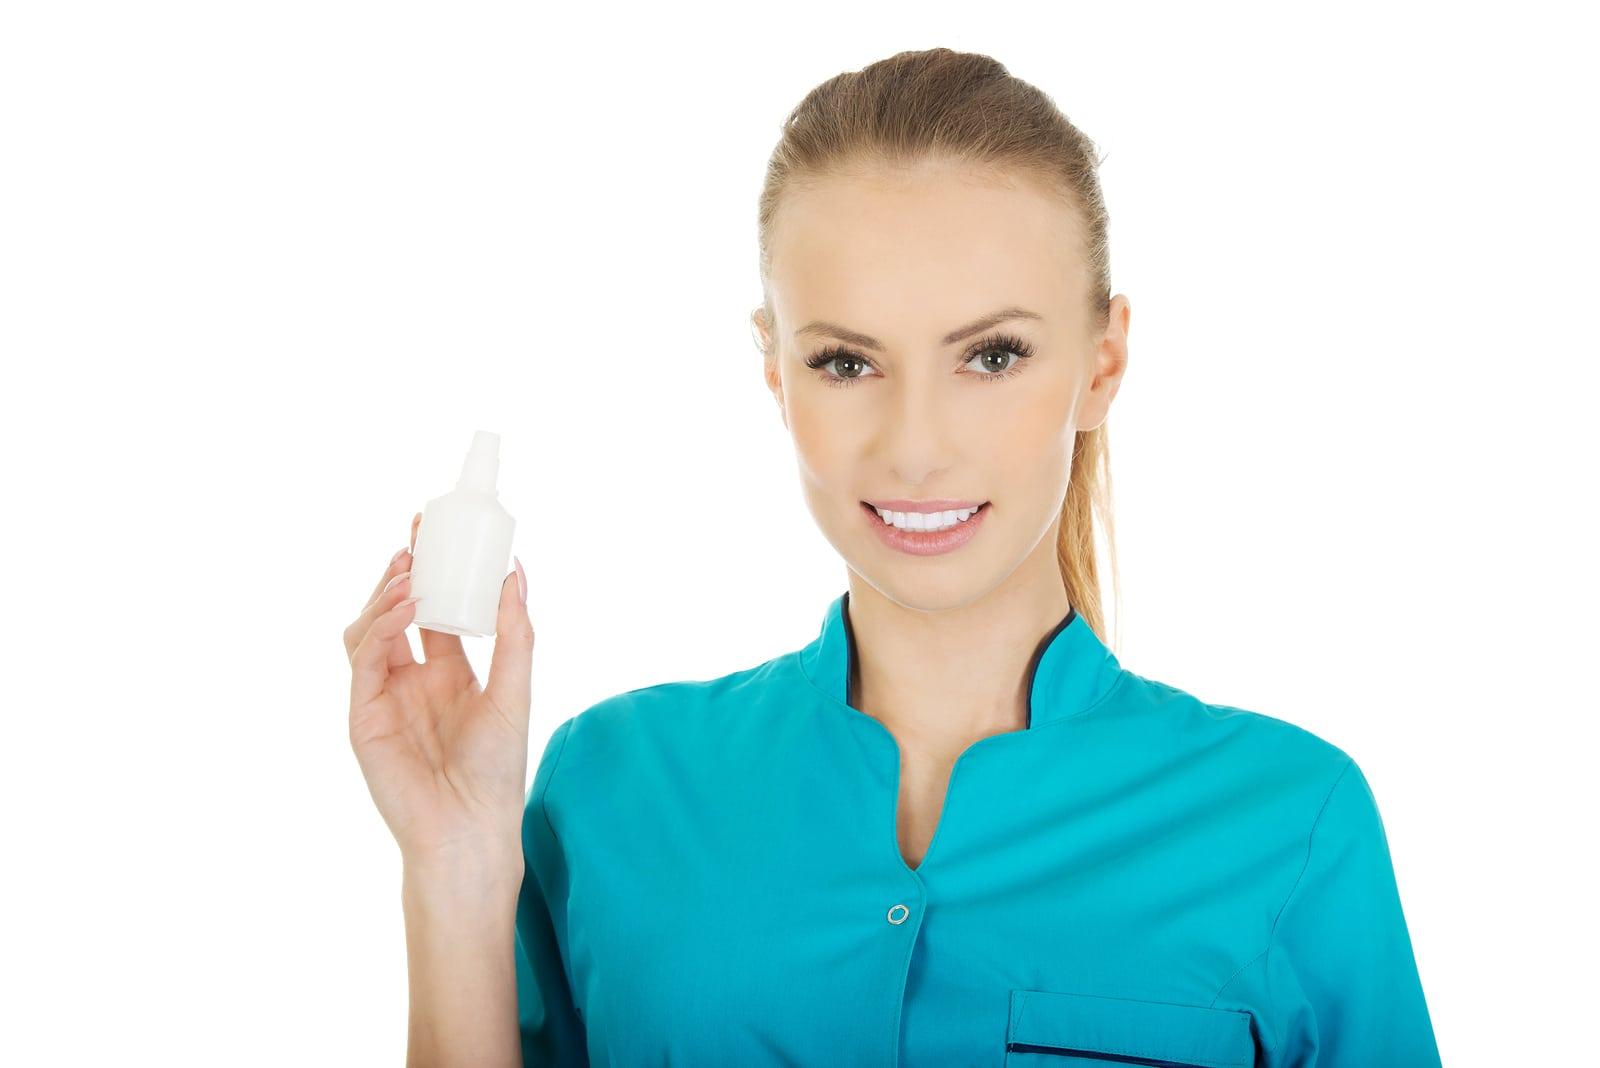 Nurse in uniform with hydrogen peroxide.